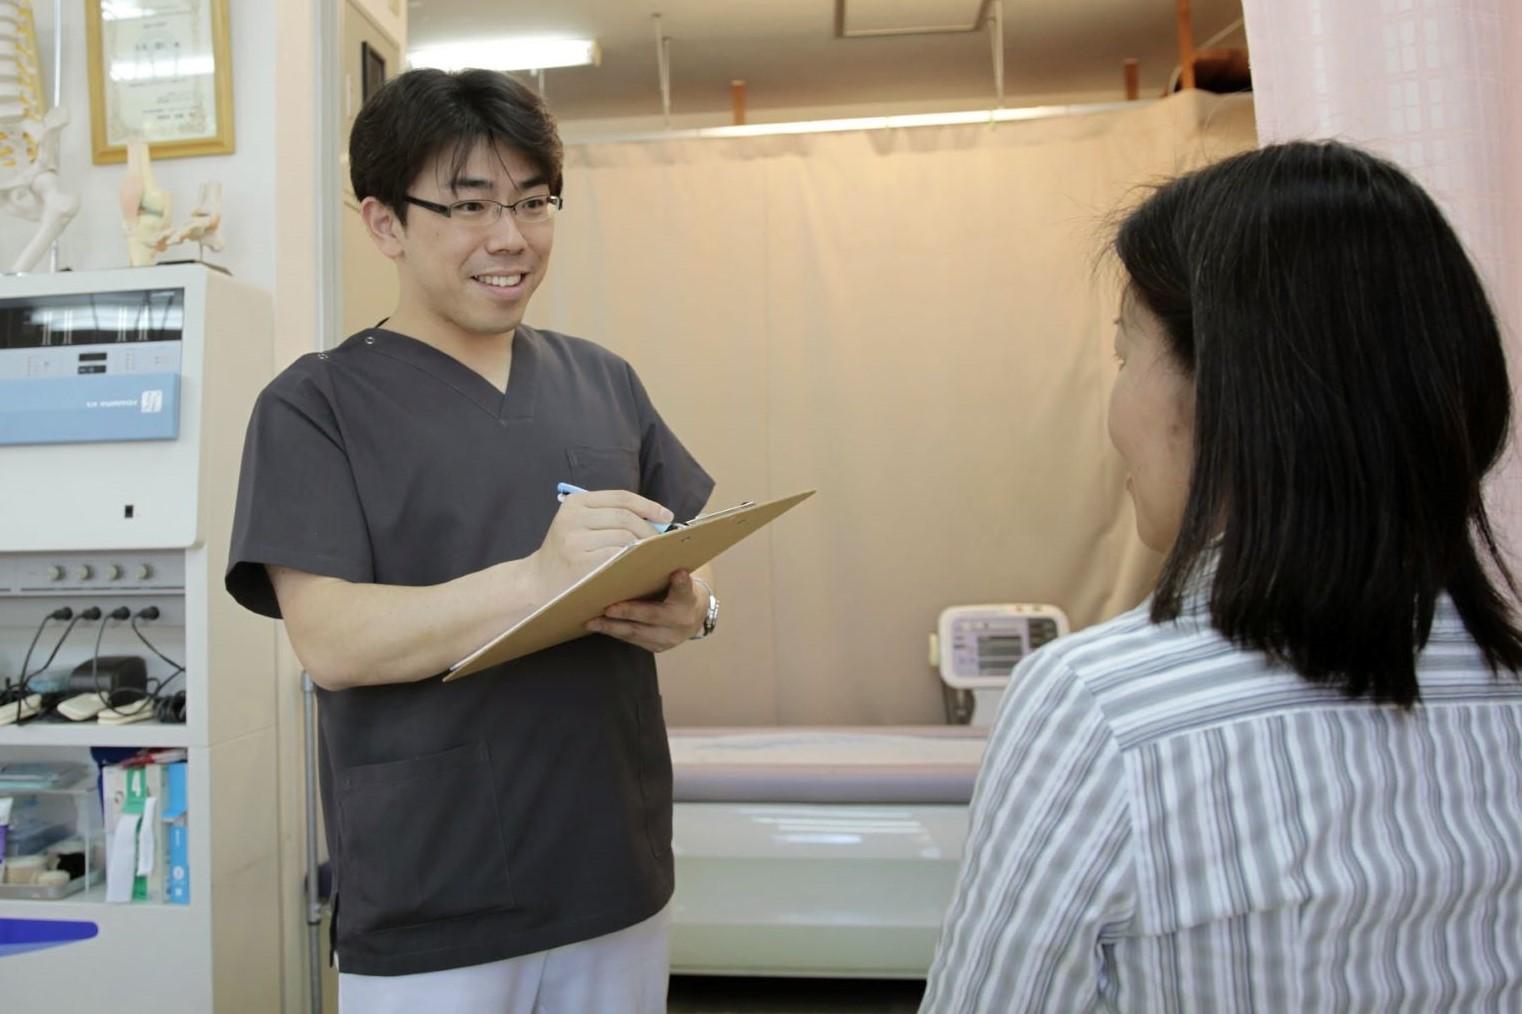 しっかりと問診・検査をしっかりと行ってから施術にあたります。